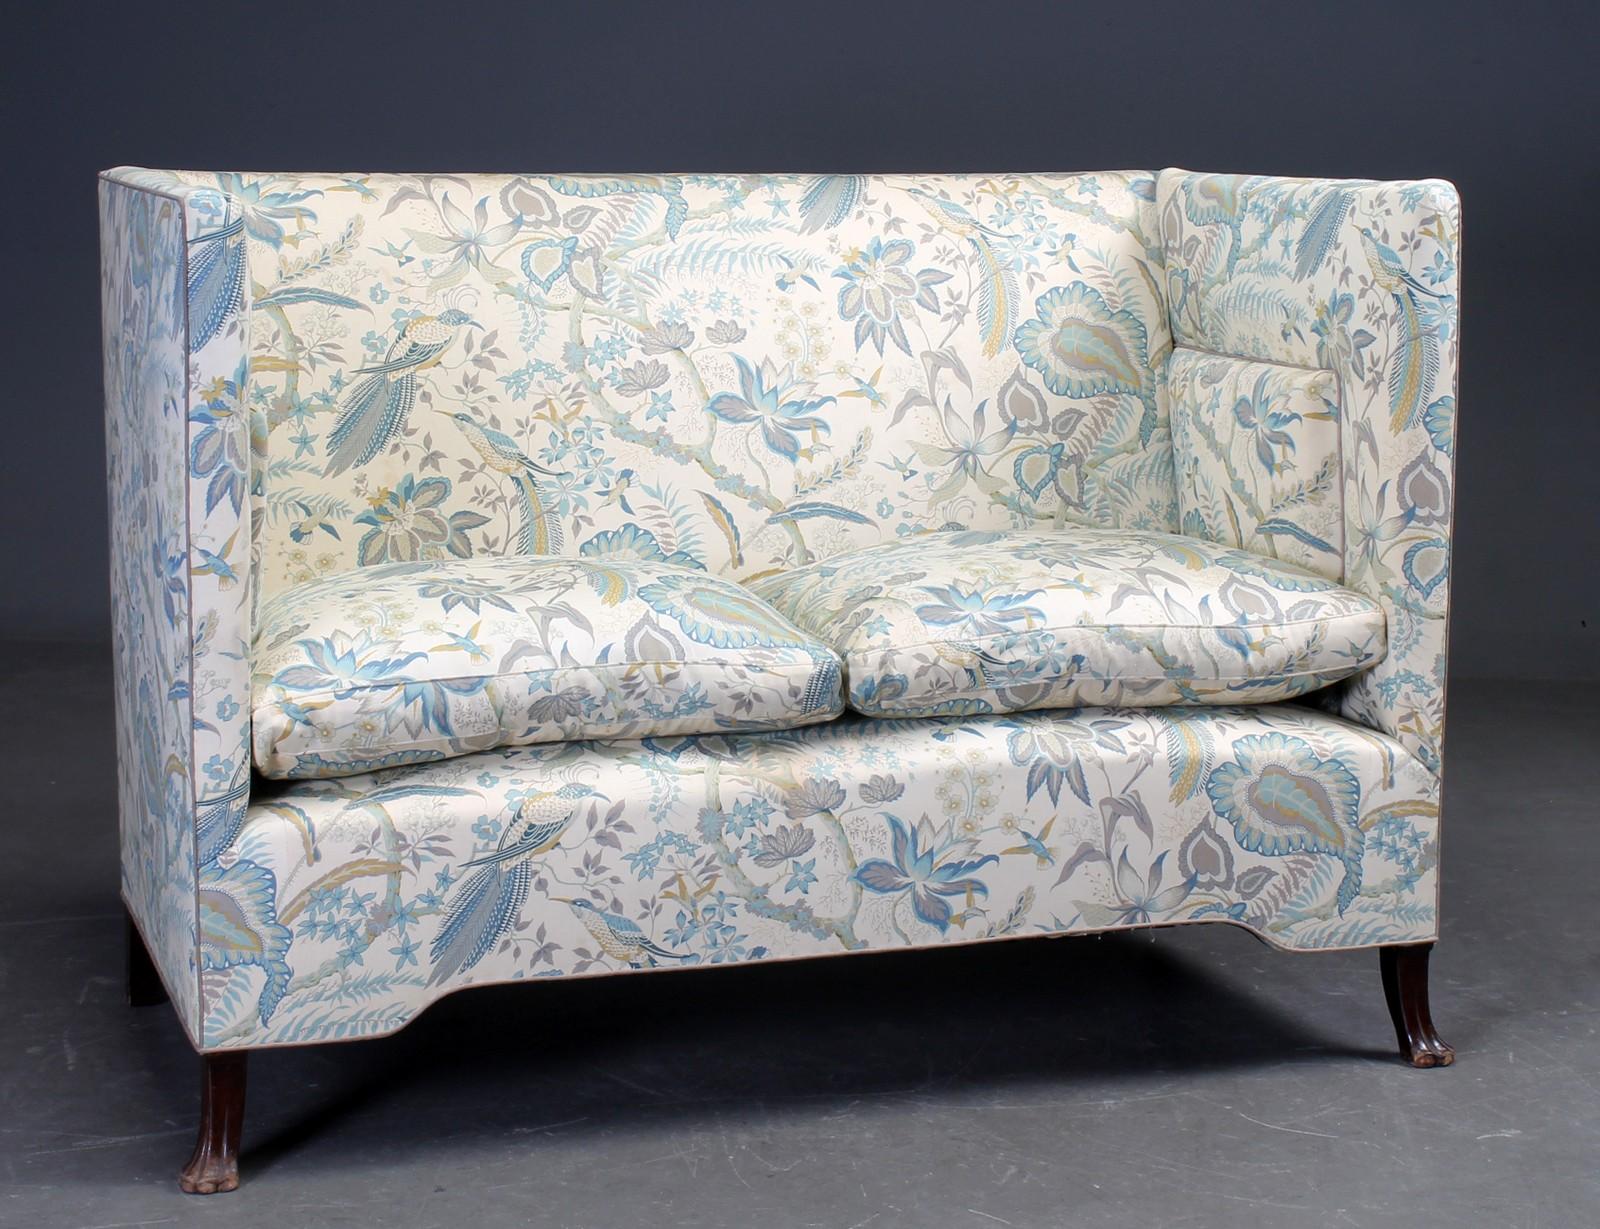 Kupesofa / højrygget sofa - Kupesofa / højrygget sofa betrukket med blomstret stof, på løvefødder. H. 101. L. 143. D. 76. Sh. 58 cm